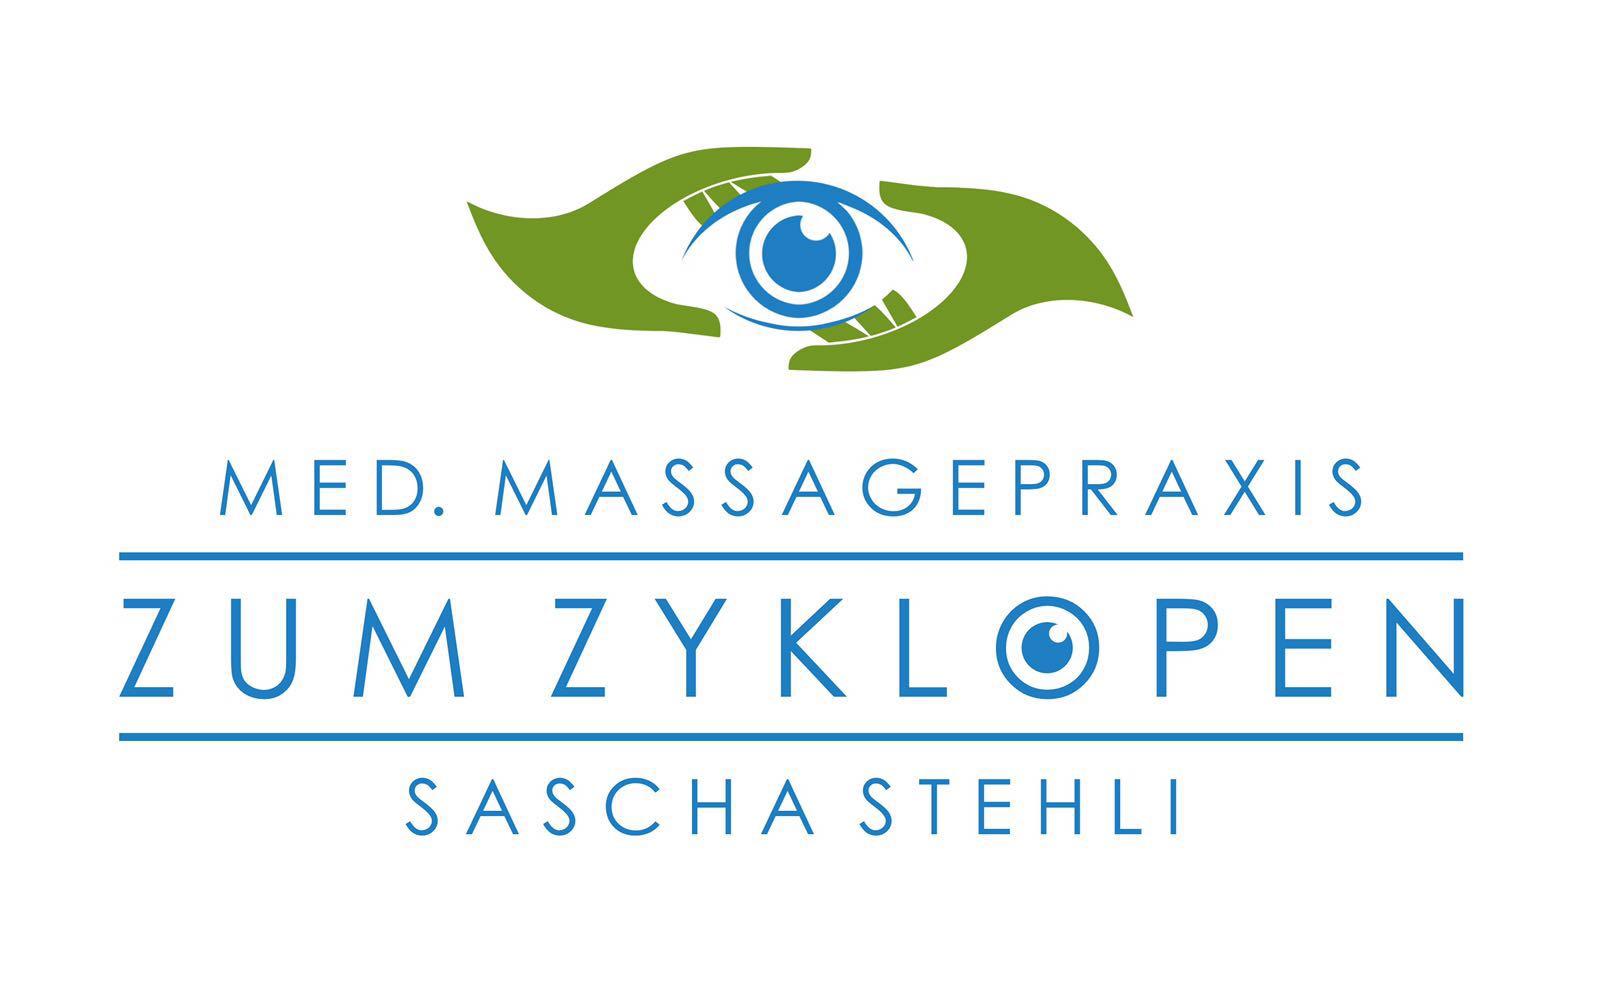 Med. Massagepraxis zum Zyklopen